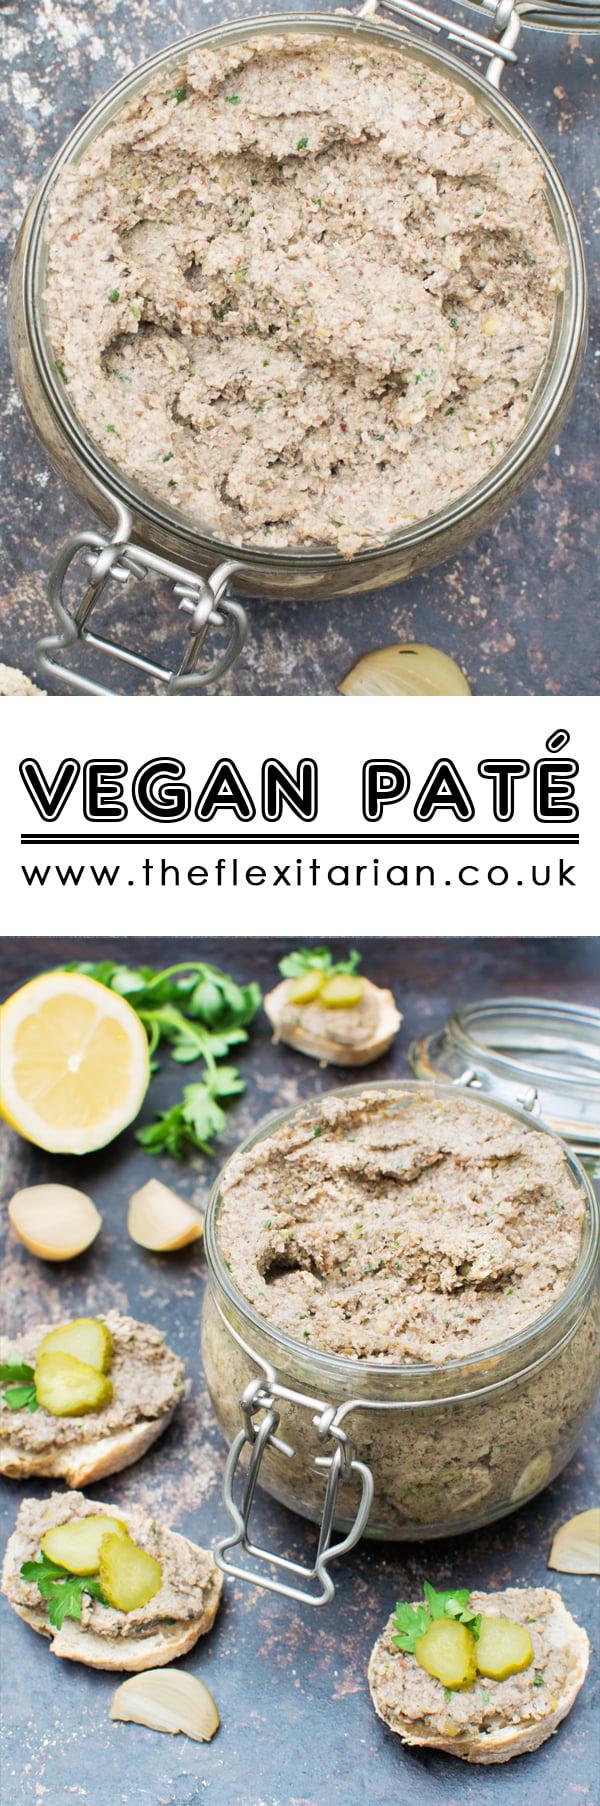 Vegan Pate [vegan] by The Flexitarian